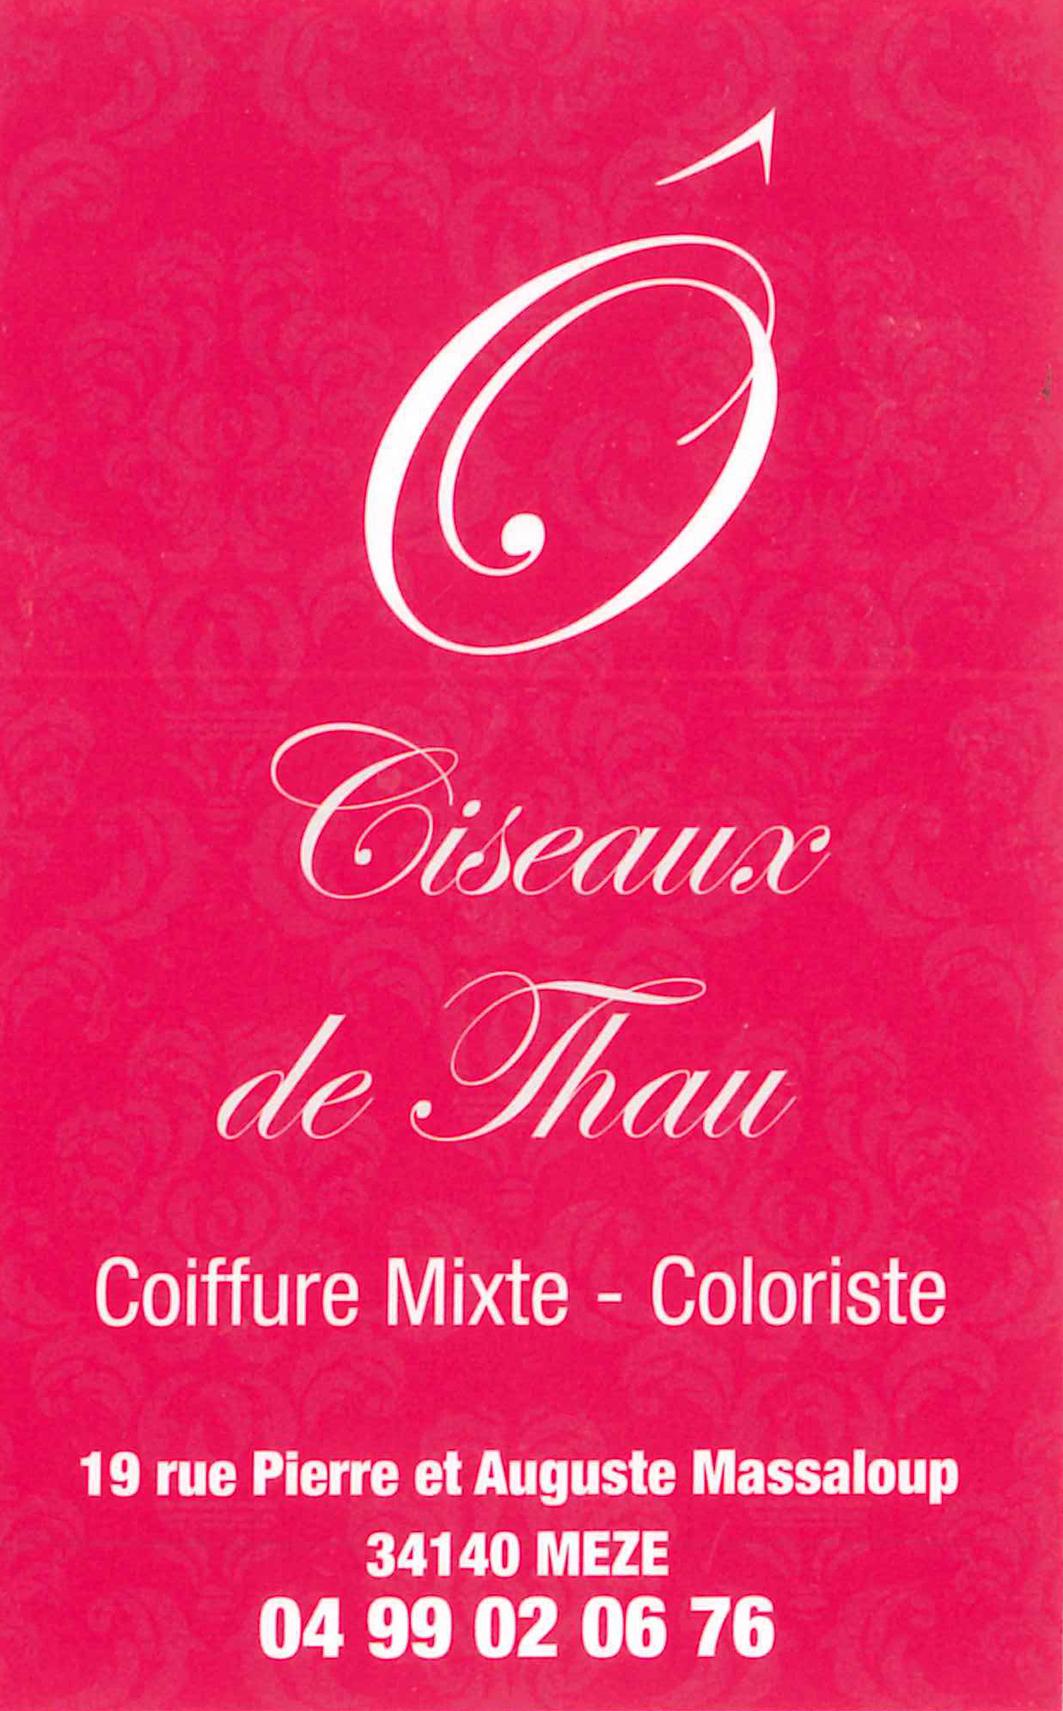 Ciseaux de thau